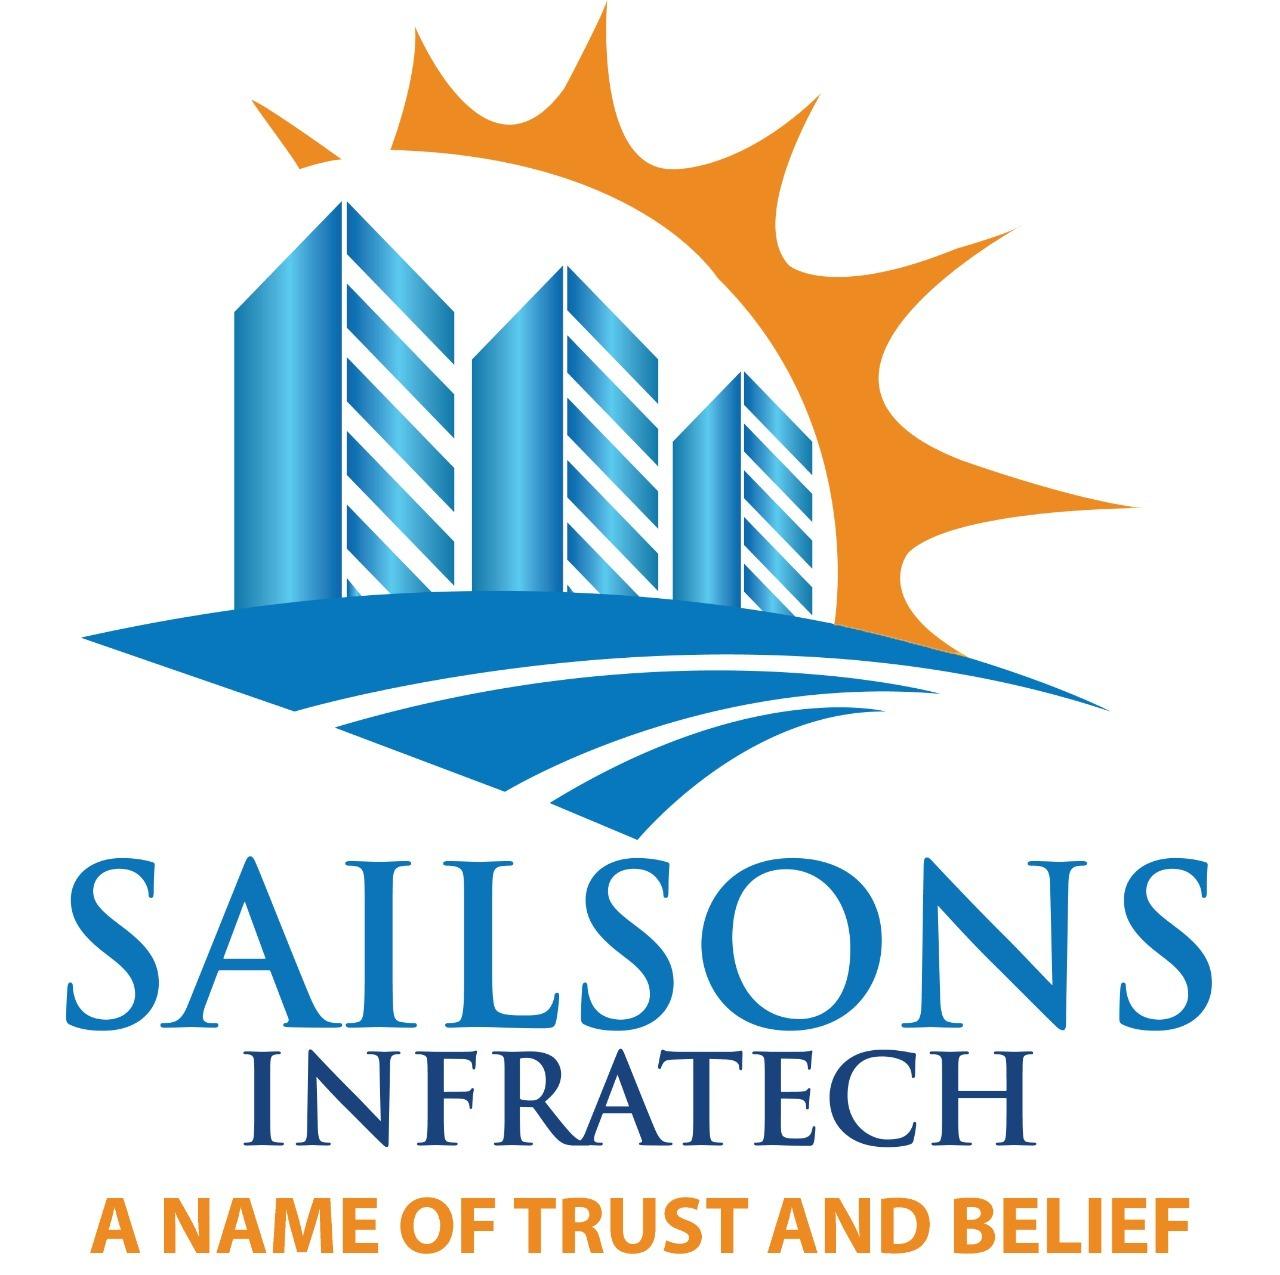 SAILSONS INFRATECH